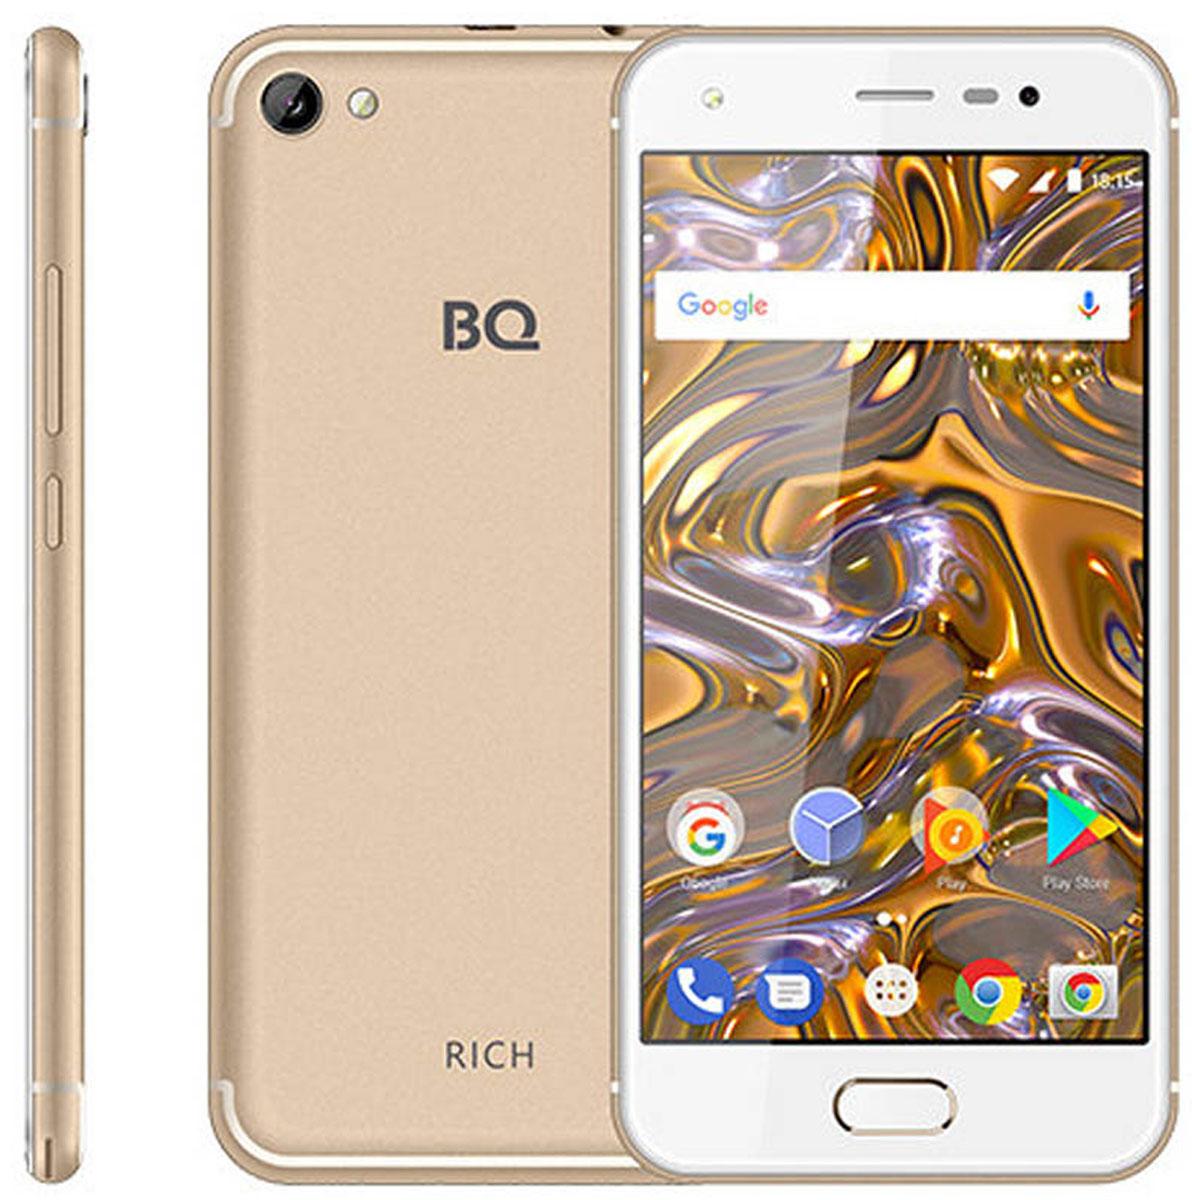 BQ 5012L Rich, Gold